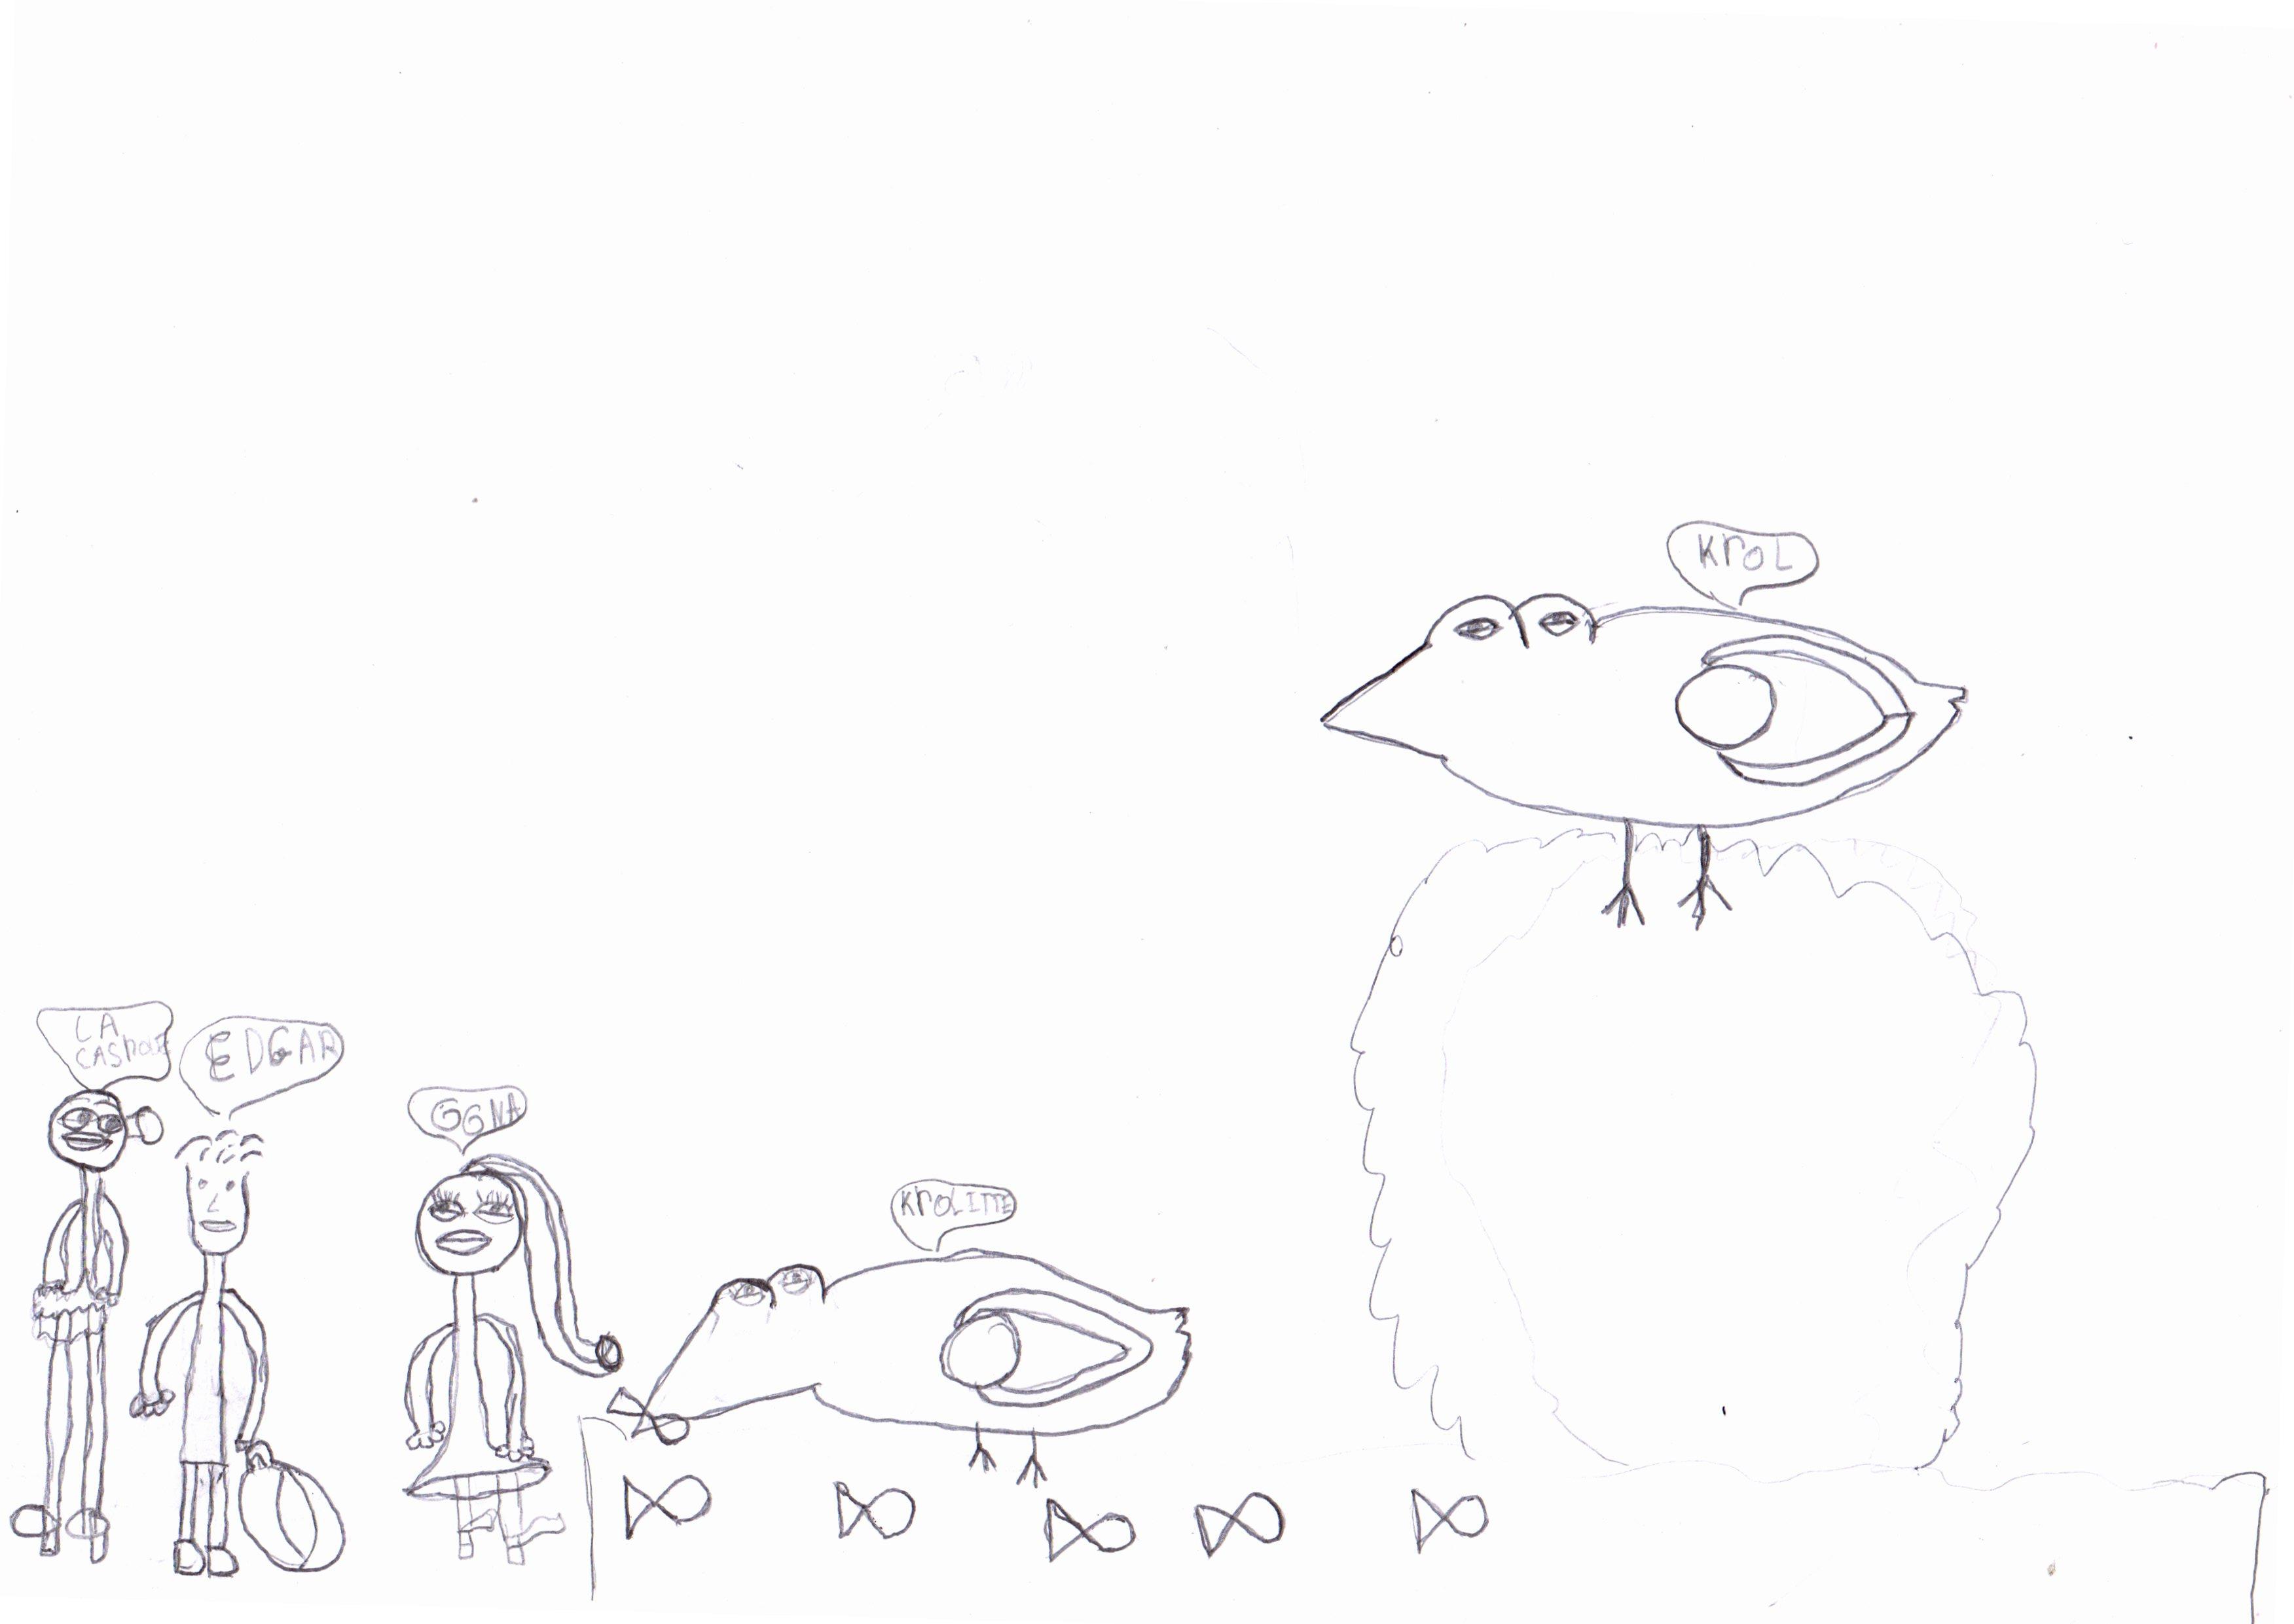 dessin_0012